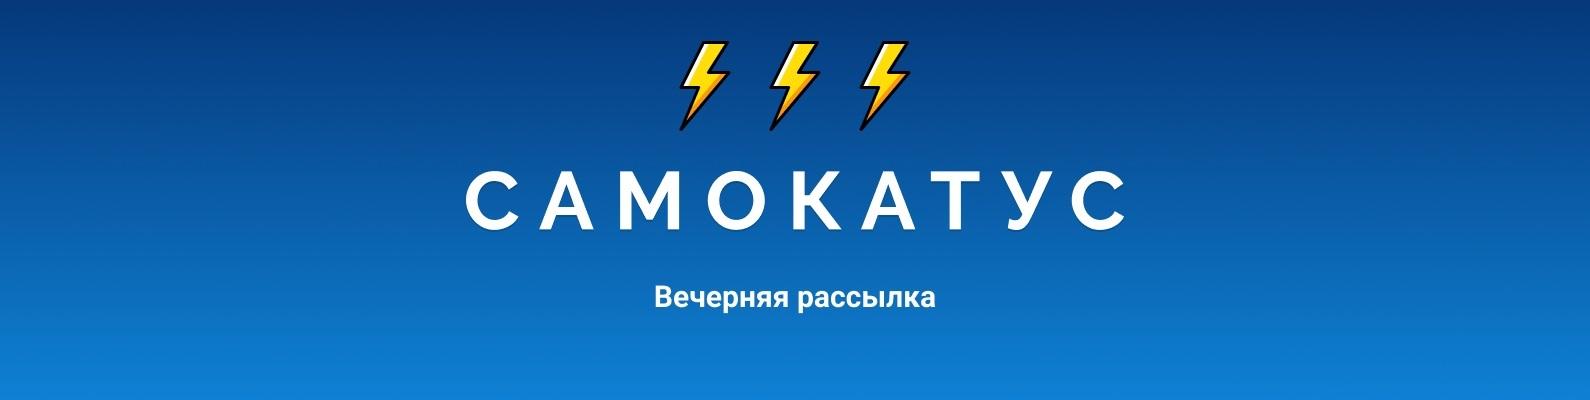 https://samokatus.ru/2019/08/daily-461/